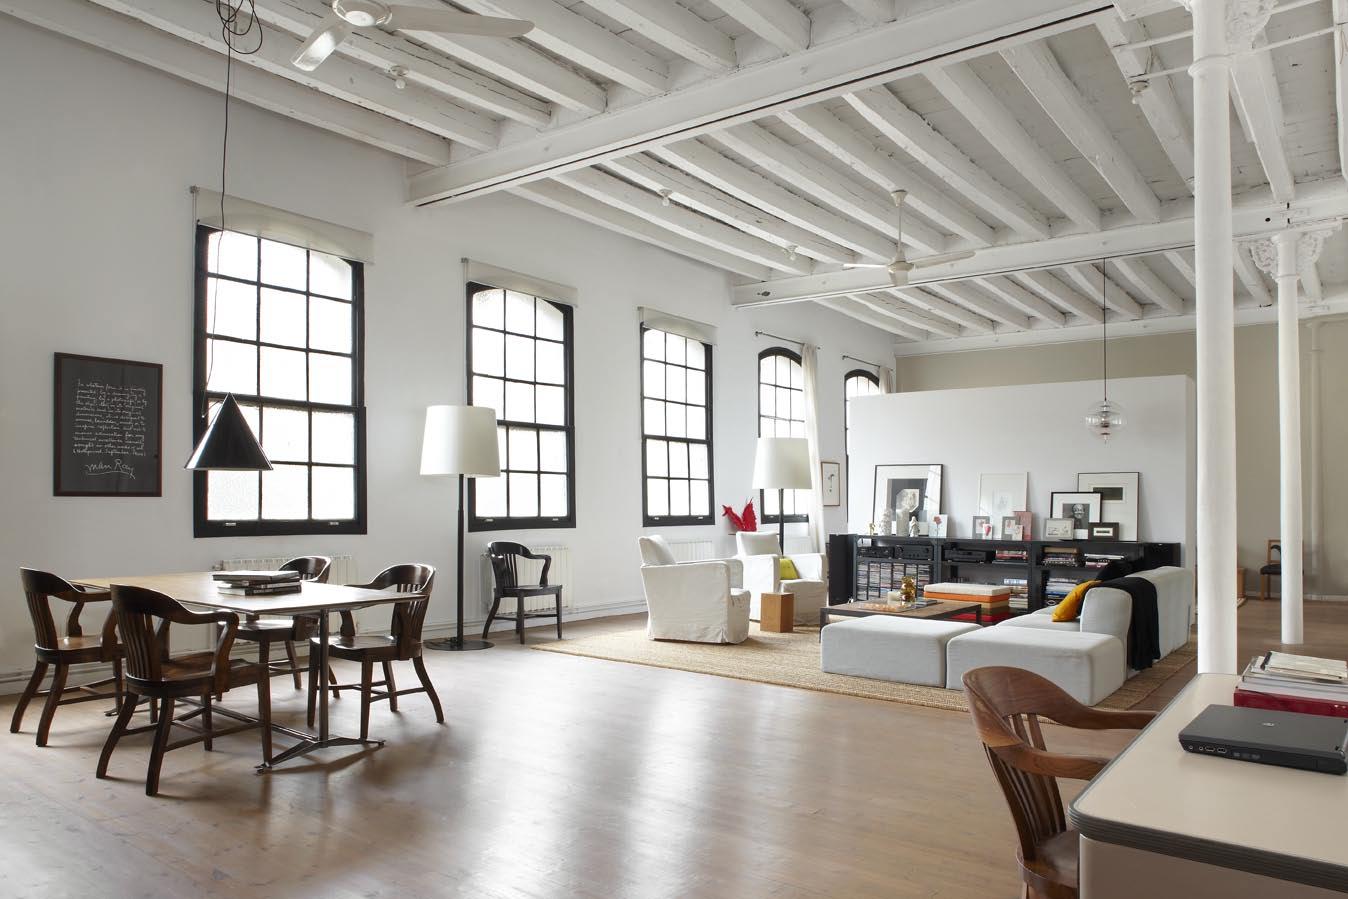 di interni un mix di pezzi vintage modernariato e oggetti minimal